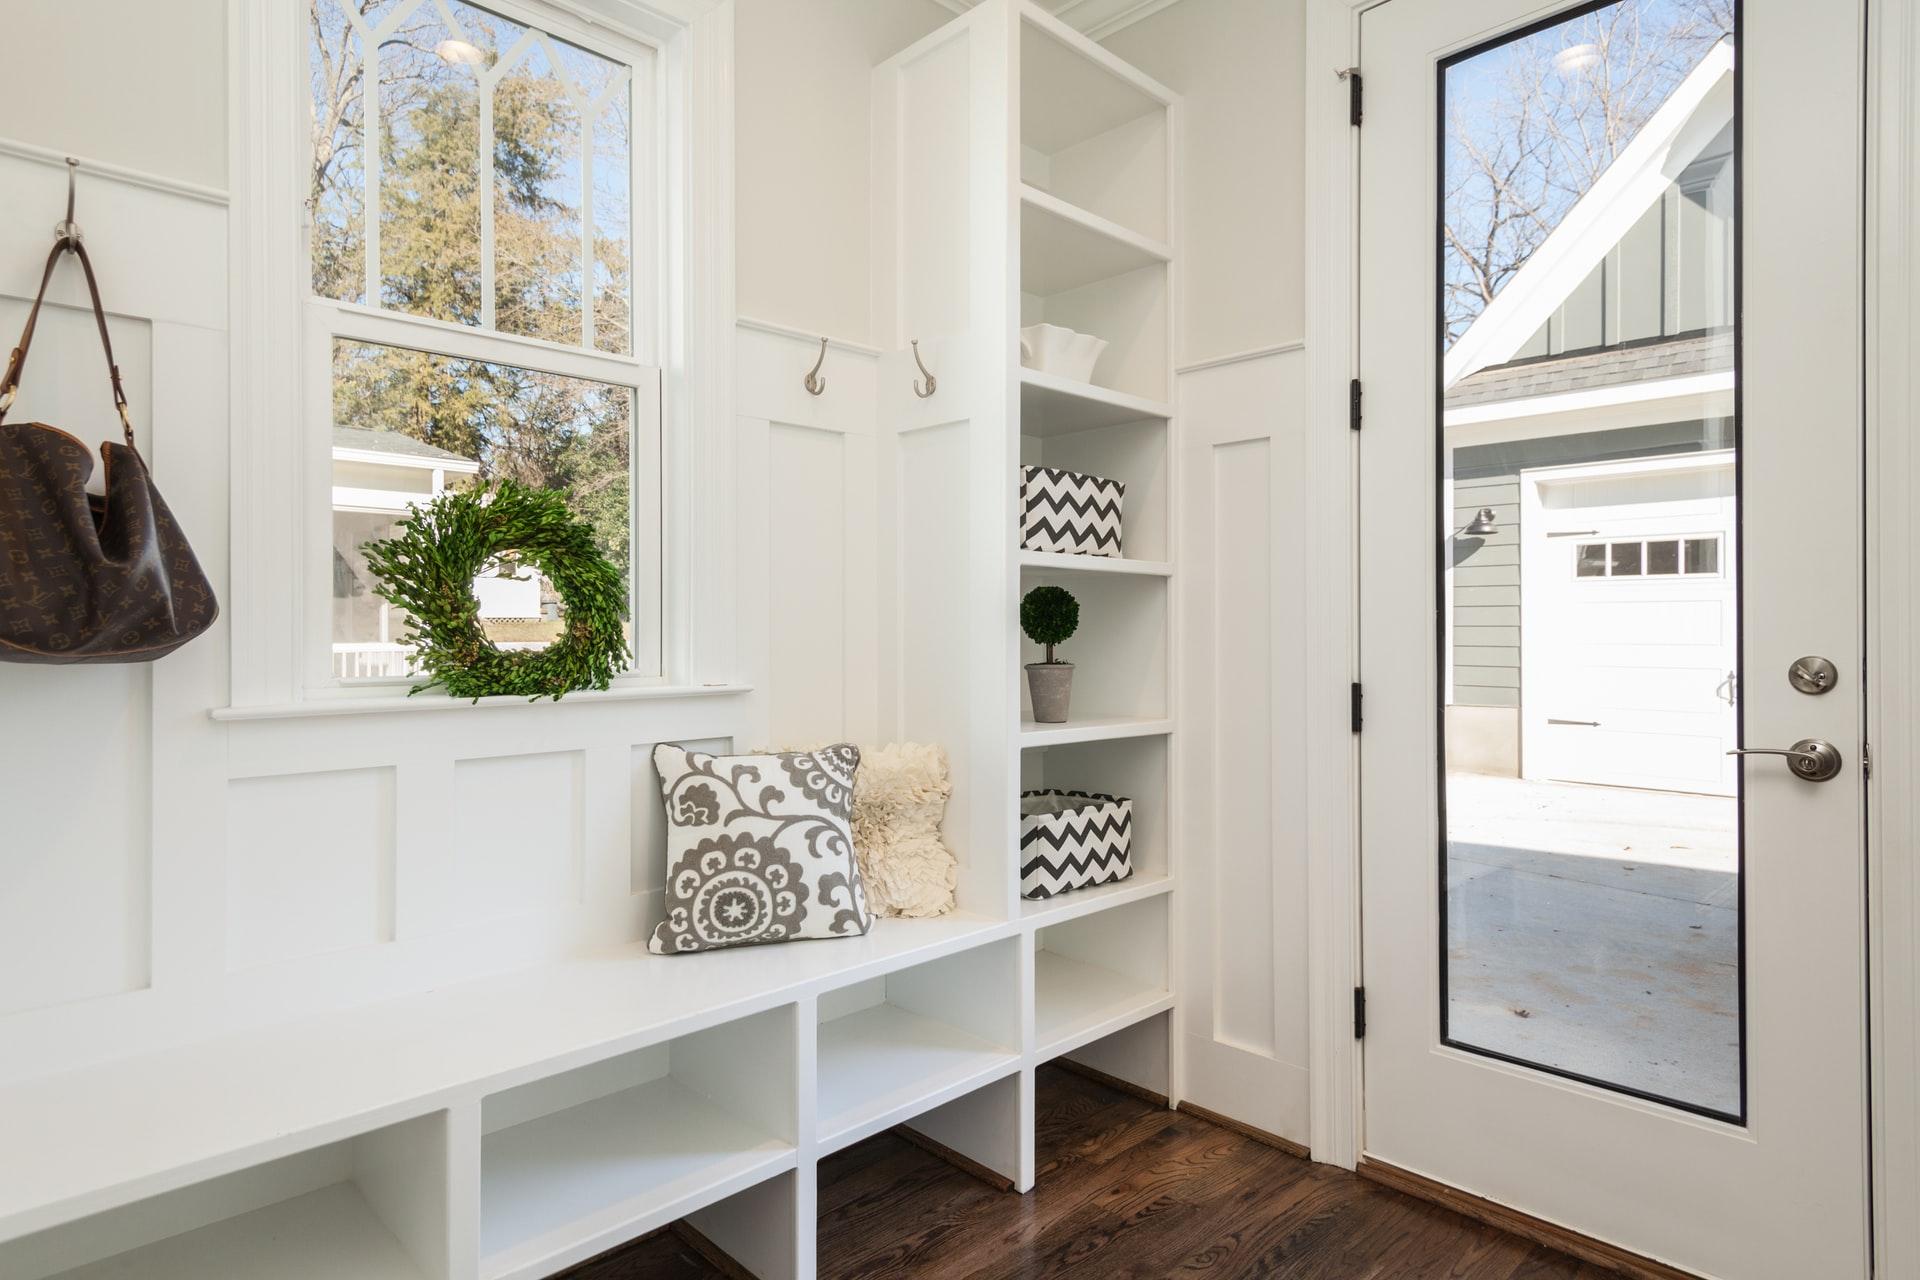 Consejos para decorar recibidores pequeños de una casa